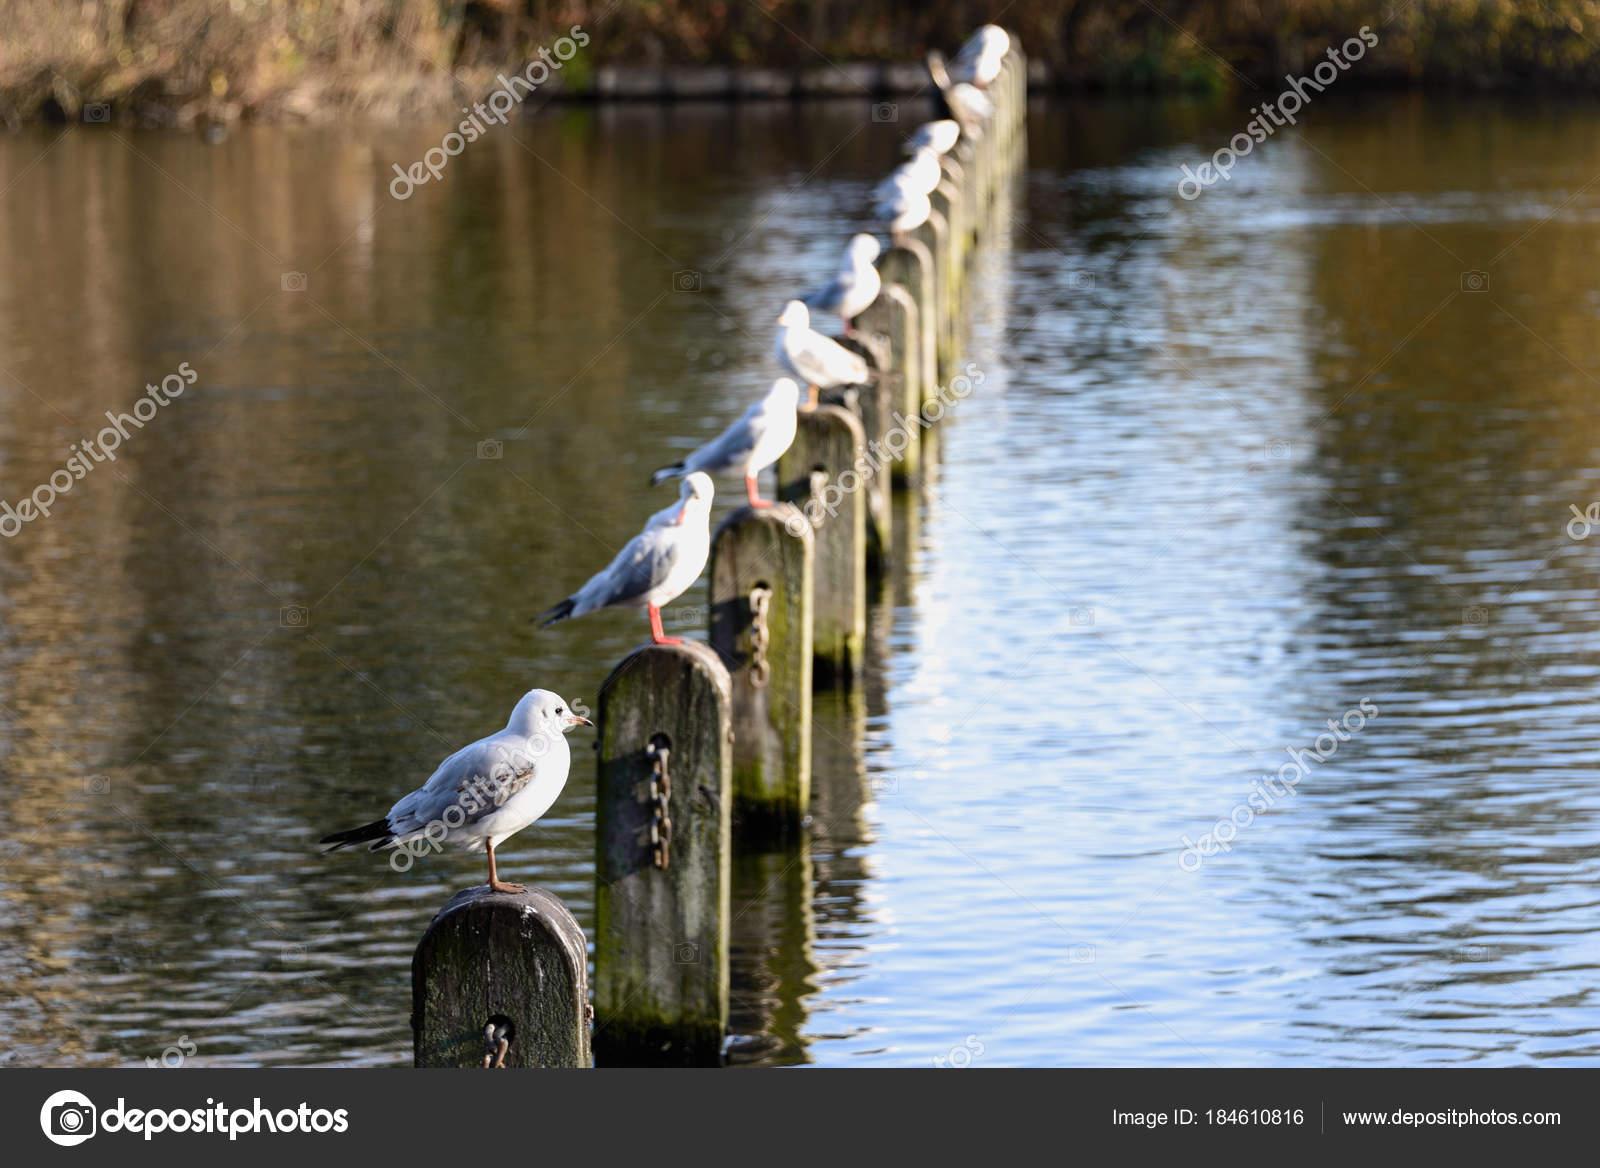 Ptaki Zajmujące Wiersz Polaków W Znajduje Się W Parku